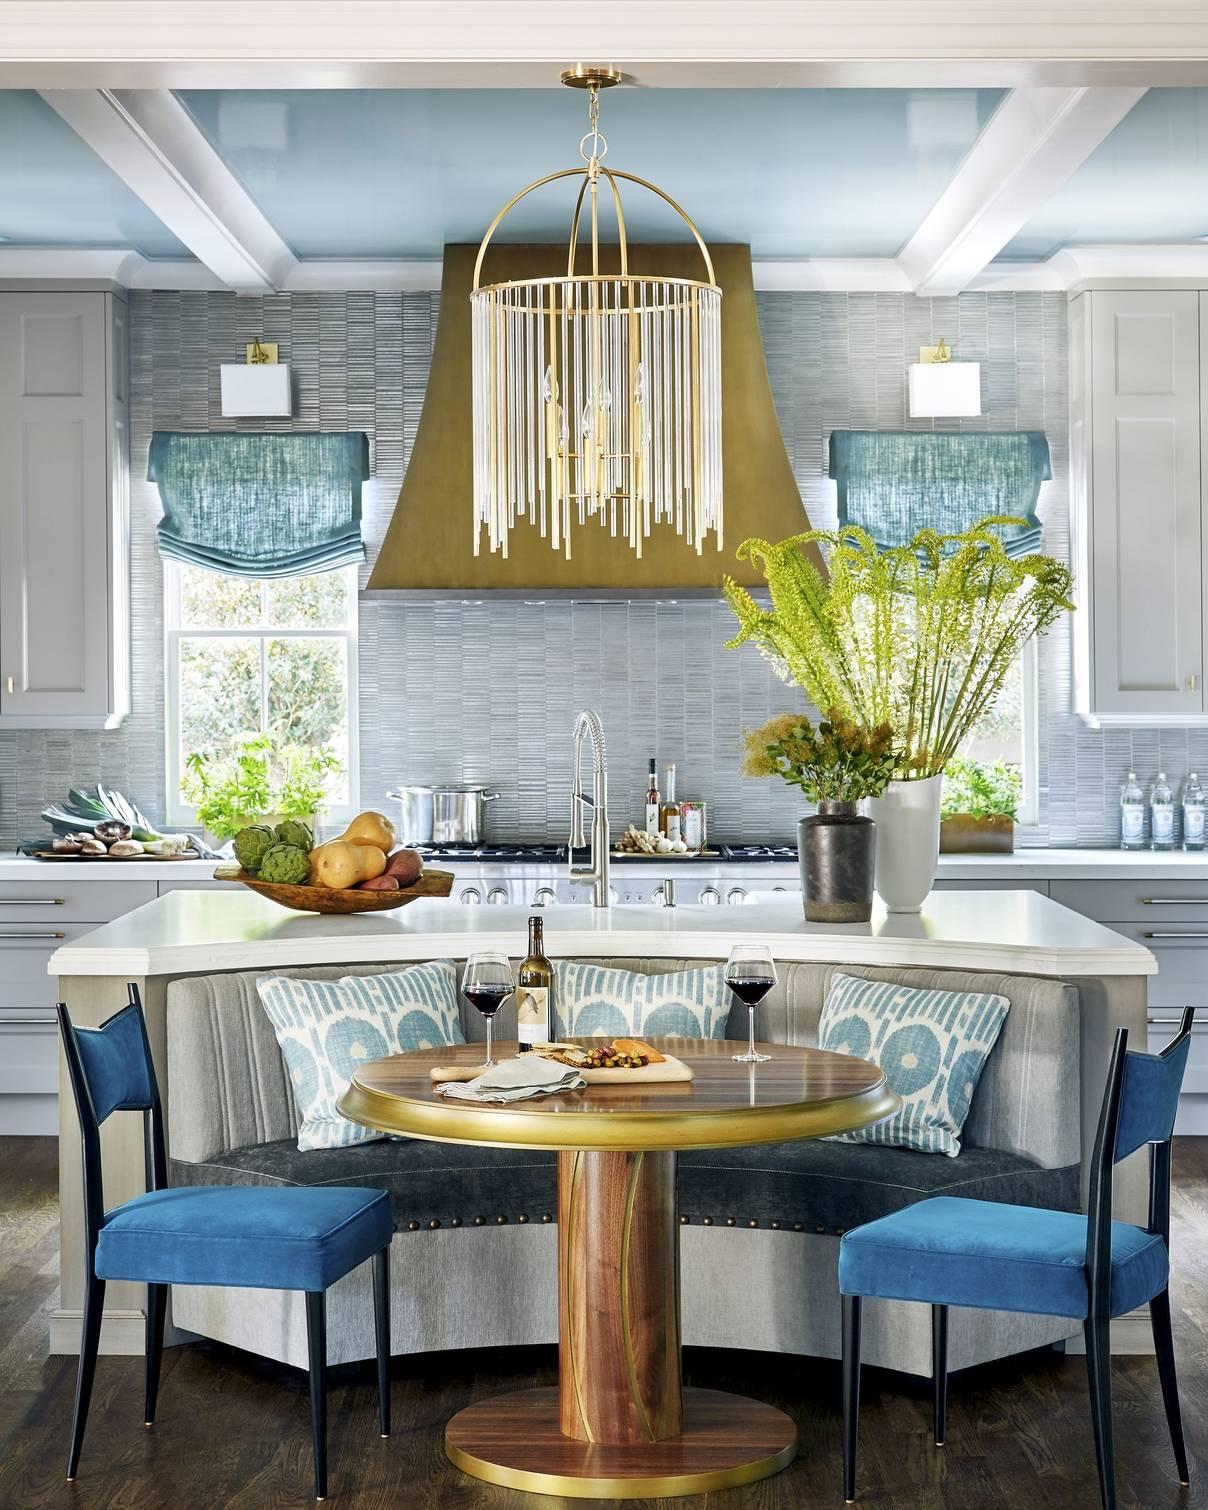 Круглый стол в интерьере кухни: 100 вариантов с фото